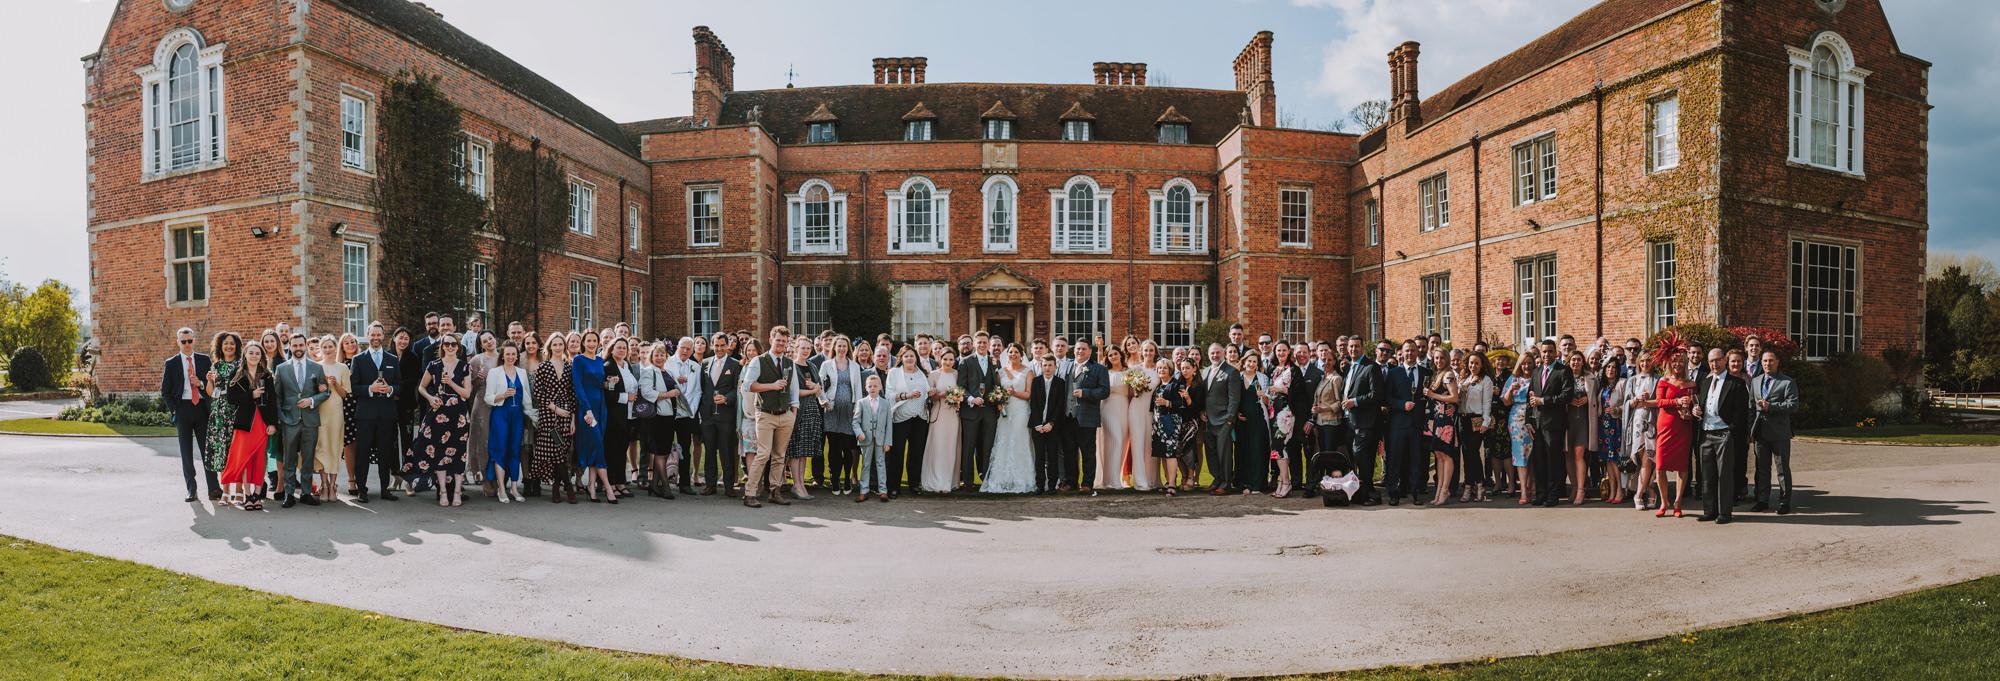 wedding photographers in buckinghamshire-19.jpg